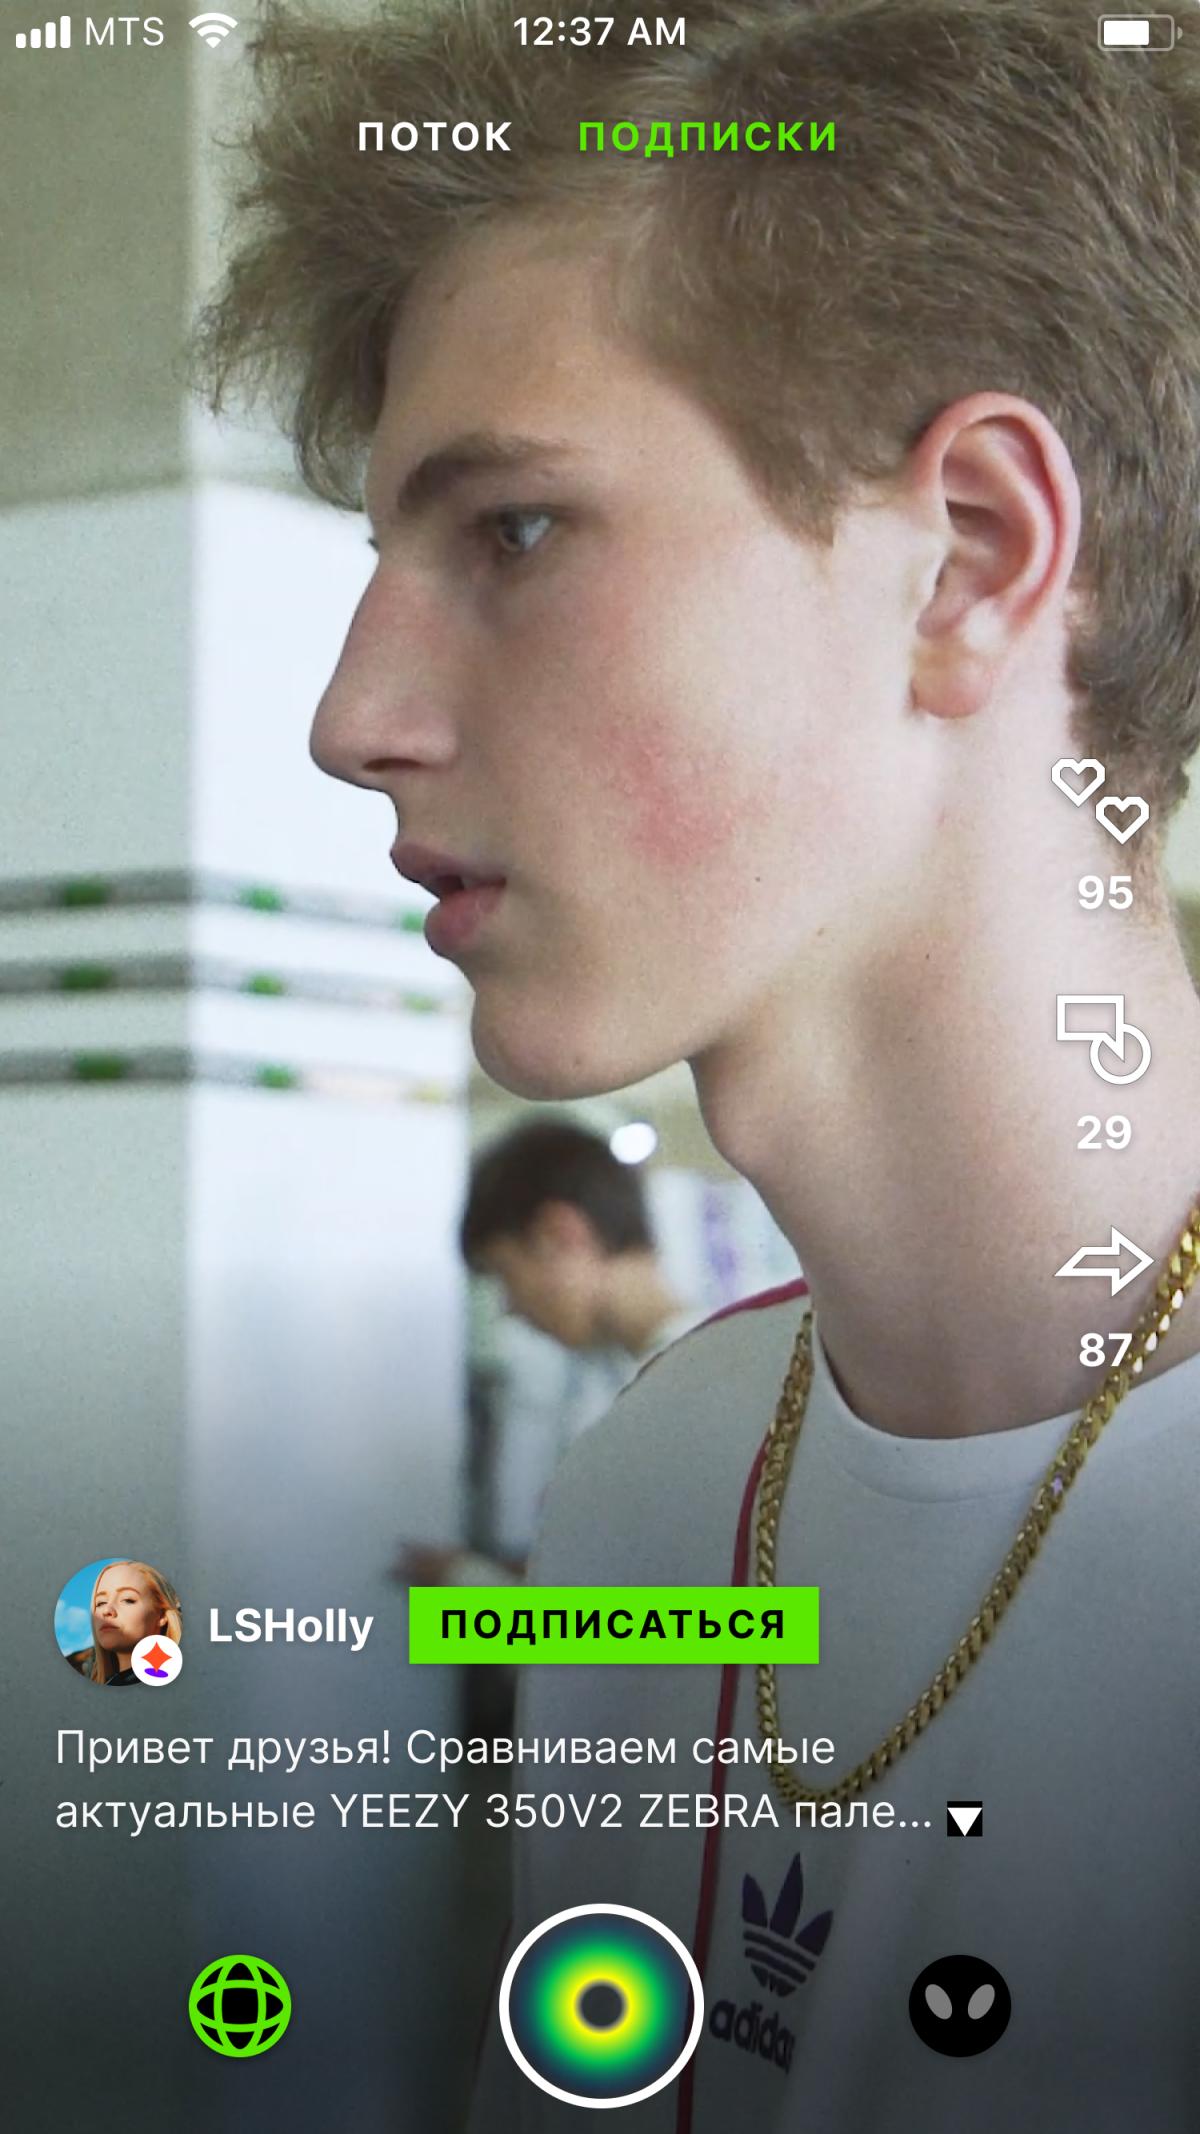 Яндекс запустил приложение для модников с распознаванием одежды на видео